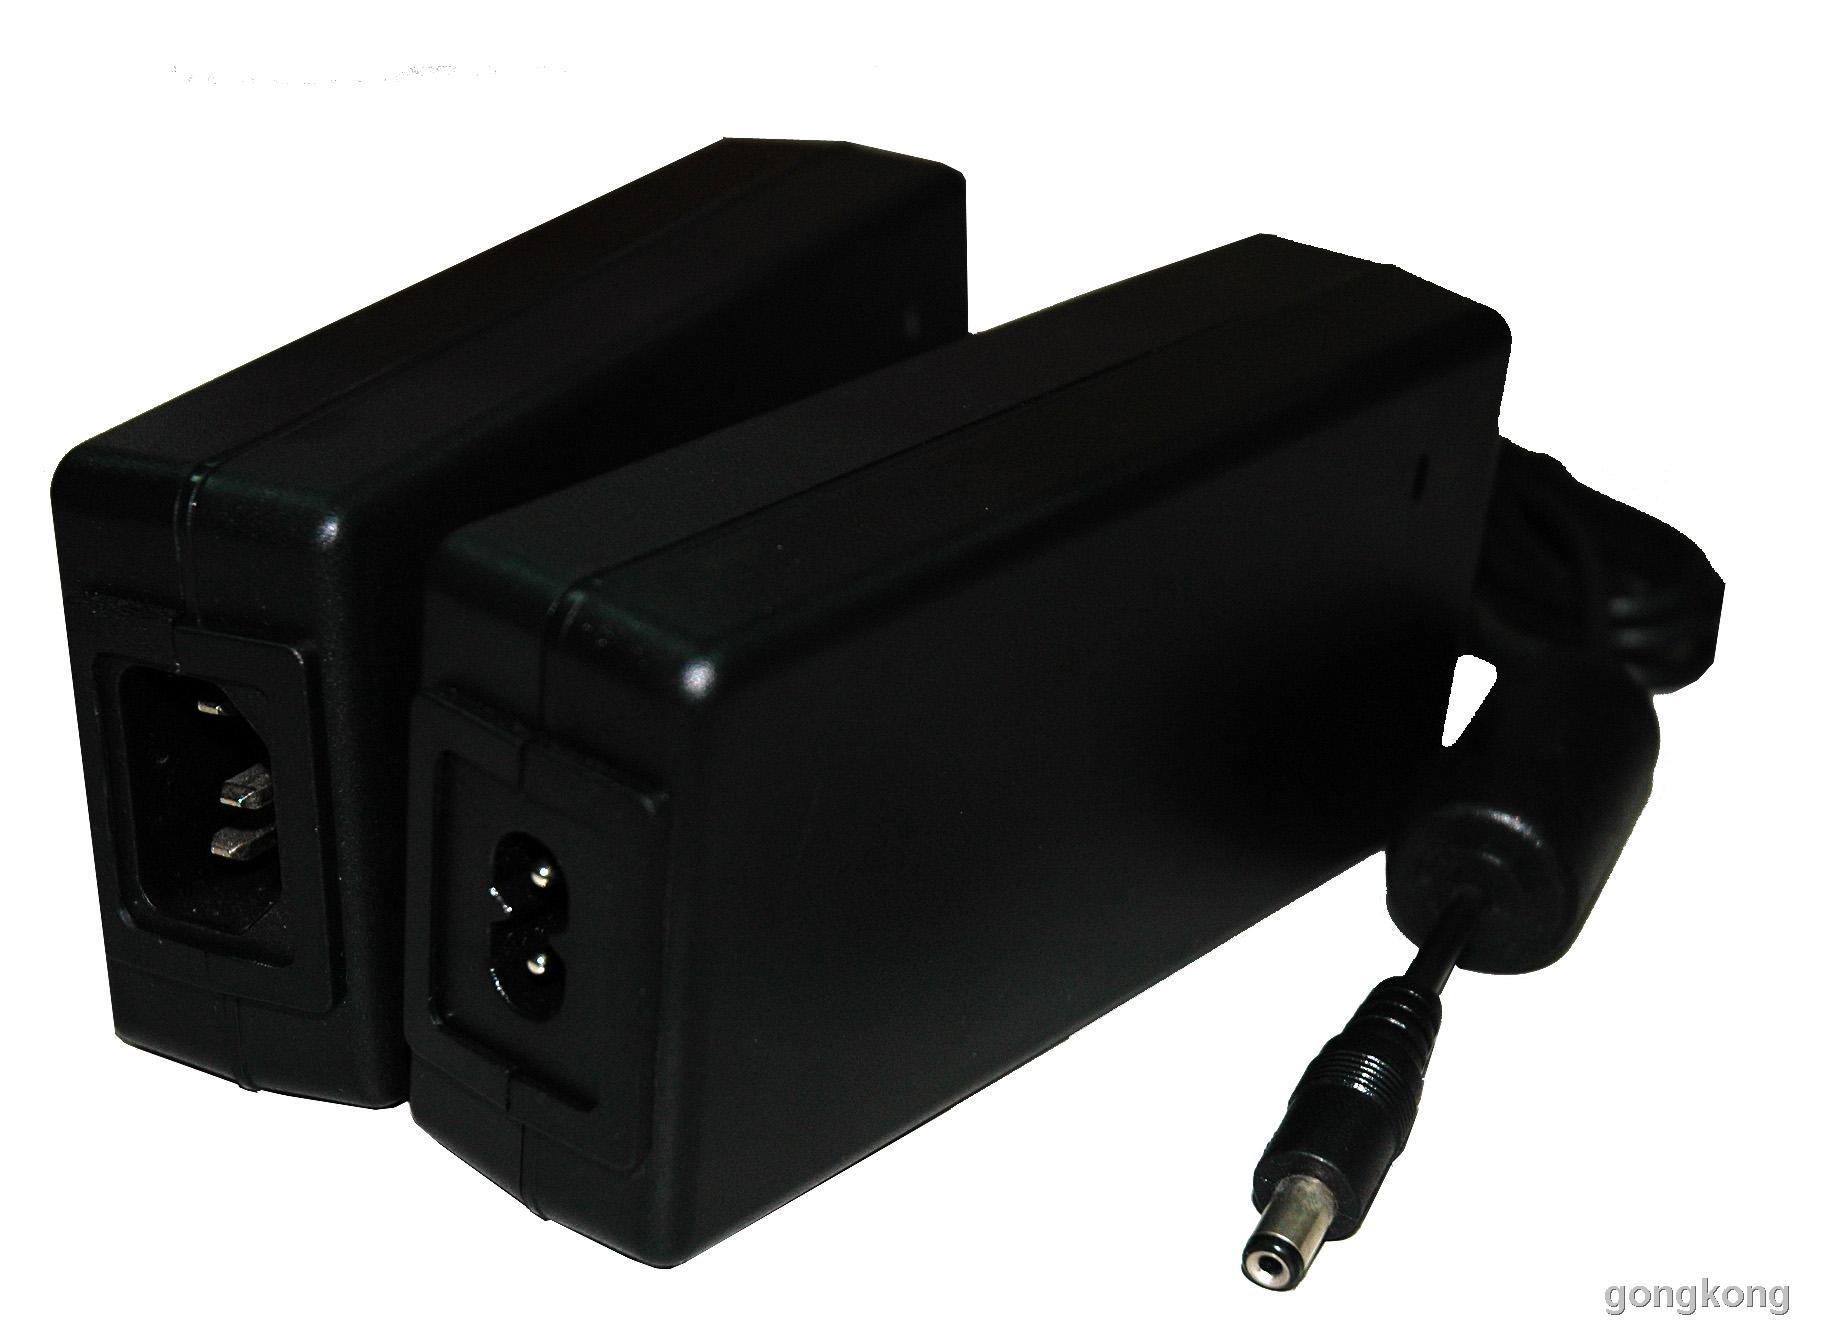 海昌電子  HEMG75 系列节能医用电源供应器